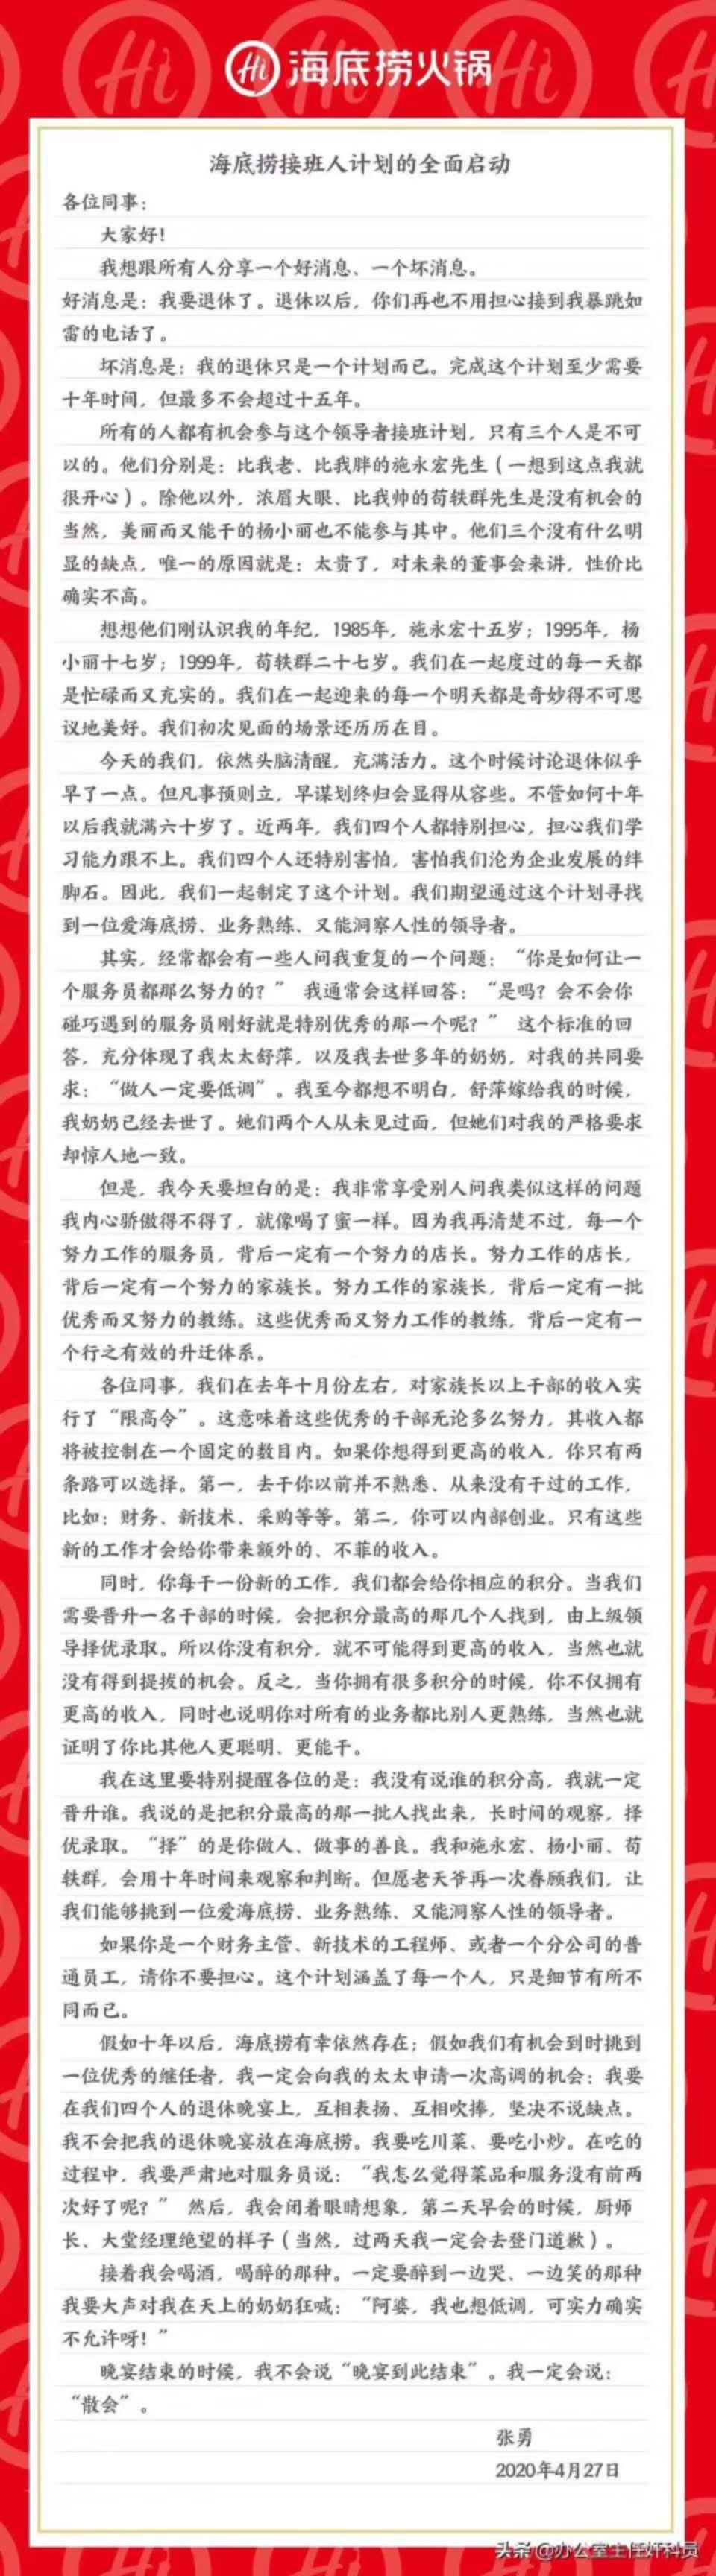 海底捞张勇发内部信:将在15年内退休 启动接班人计划